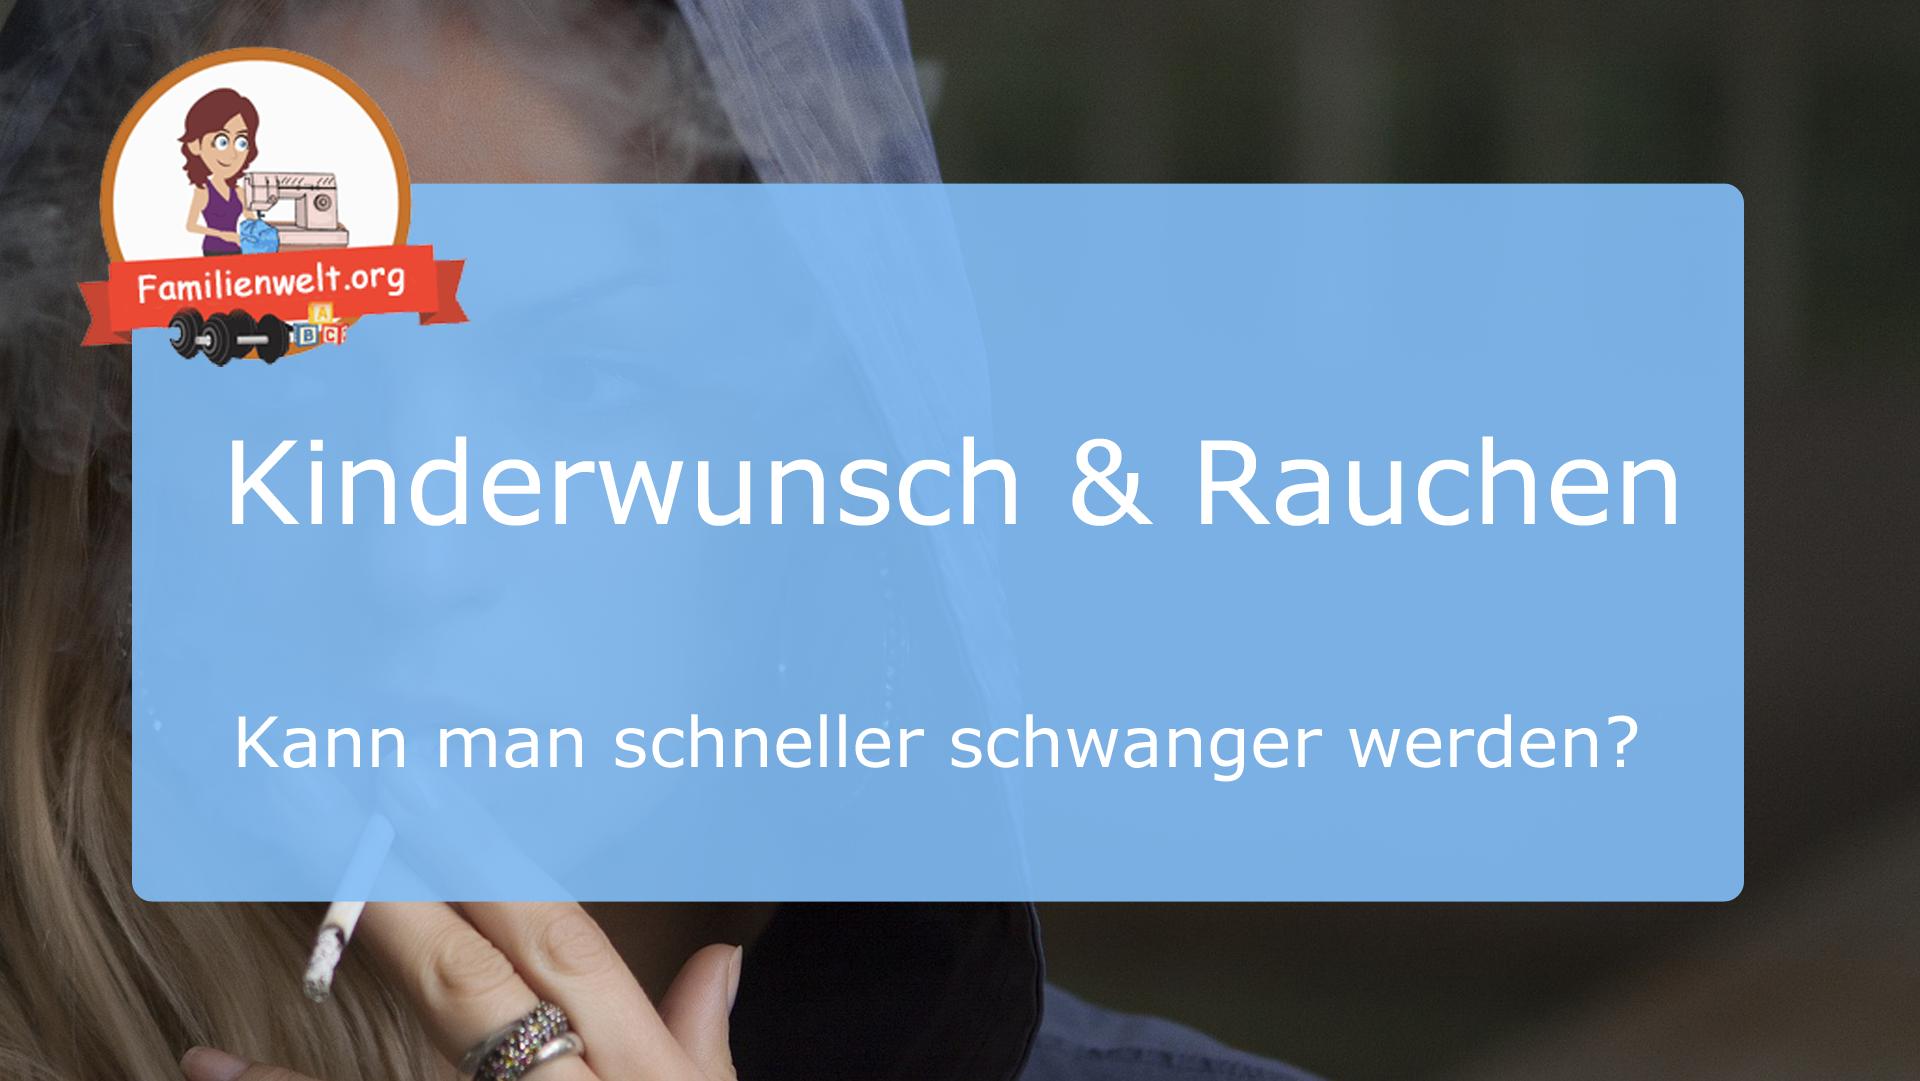 ᐅ Schwanger, schneller als gedacht, wie JETZT Rauchen aufhören? - nikotinsucht.kelsshark.com